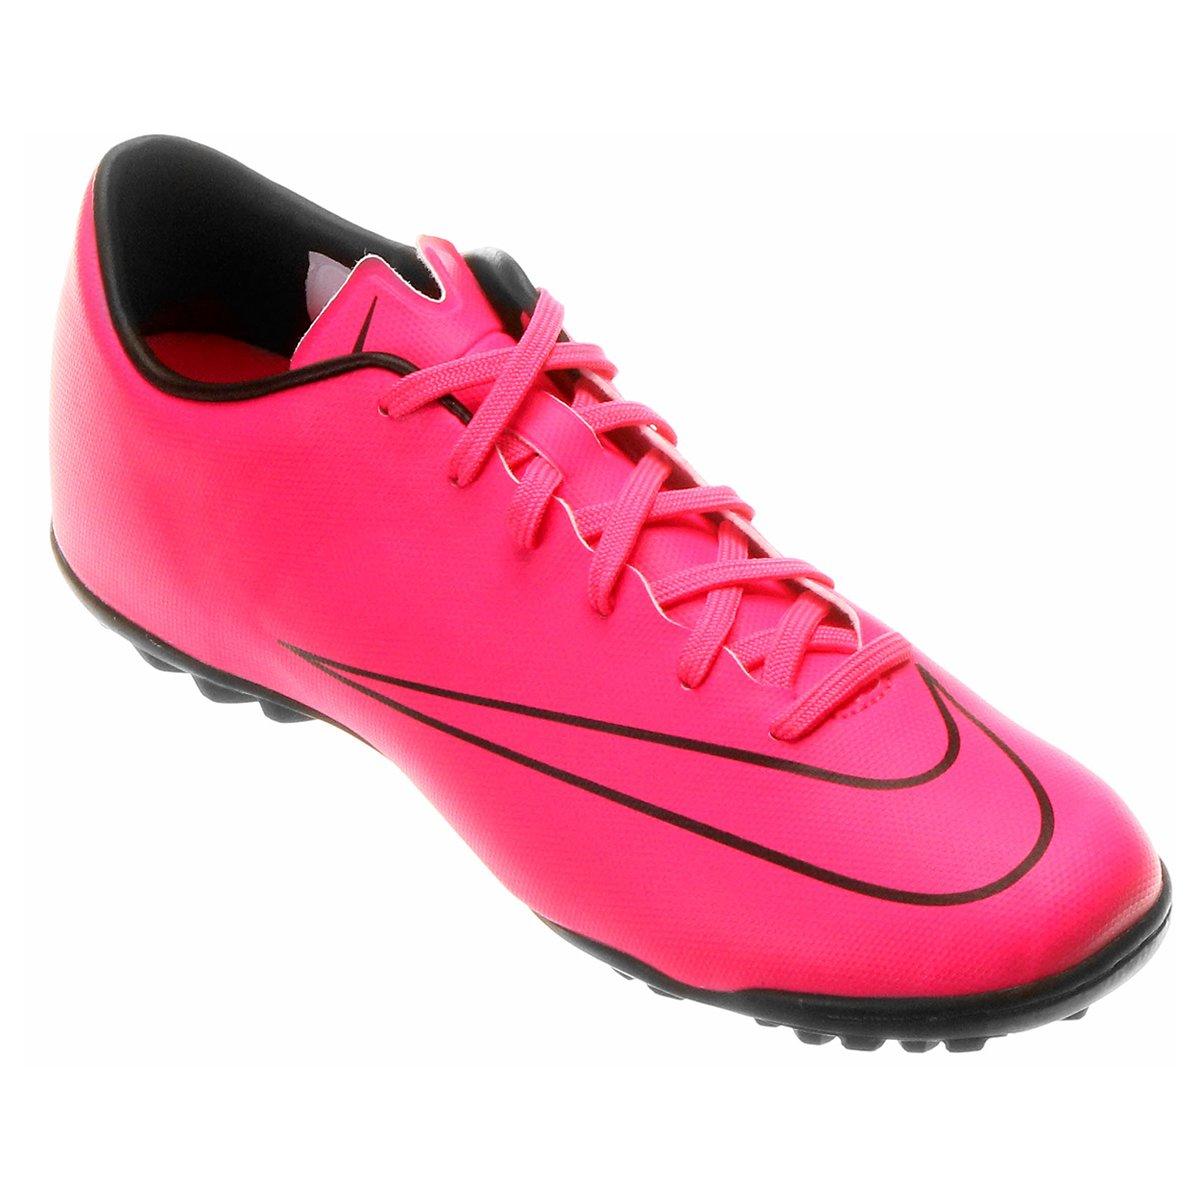 Chuteira Society Nike Mercurial Victory 5 TF - Compre Agora  8d0625e0d51a8